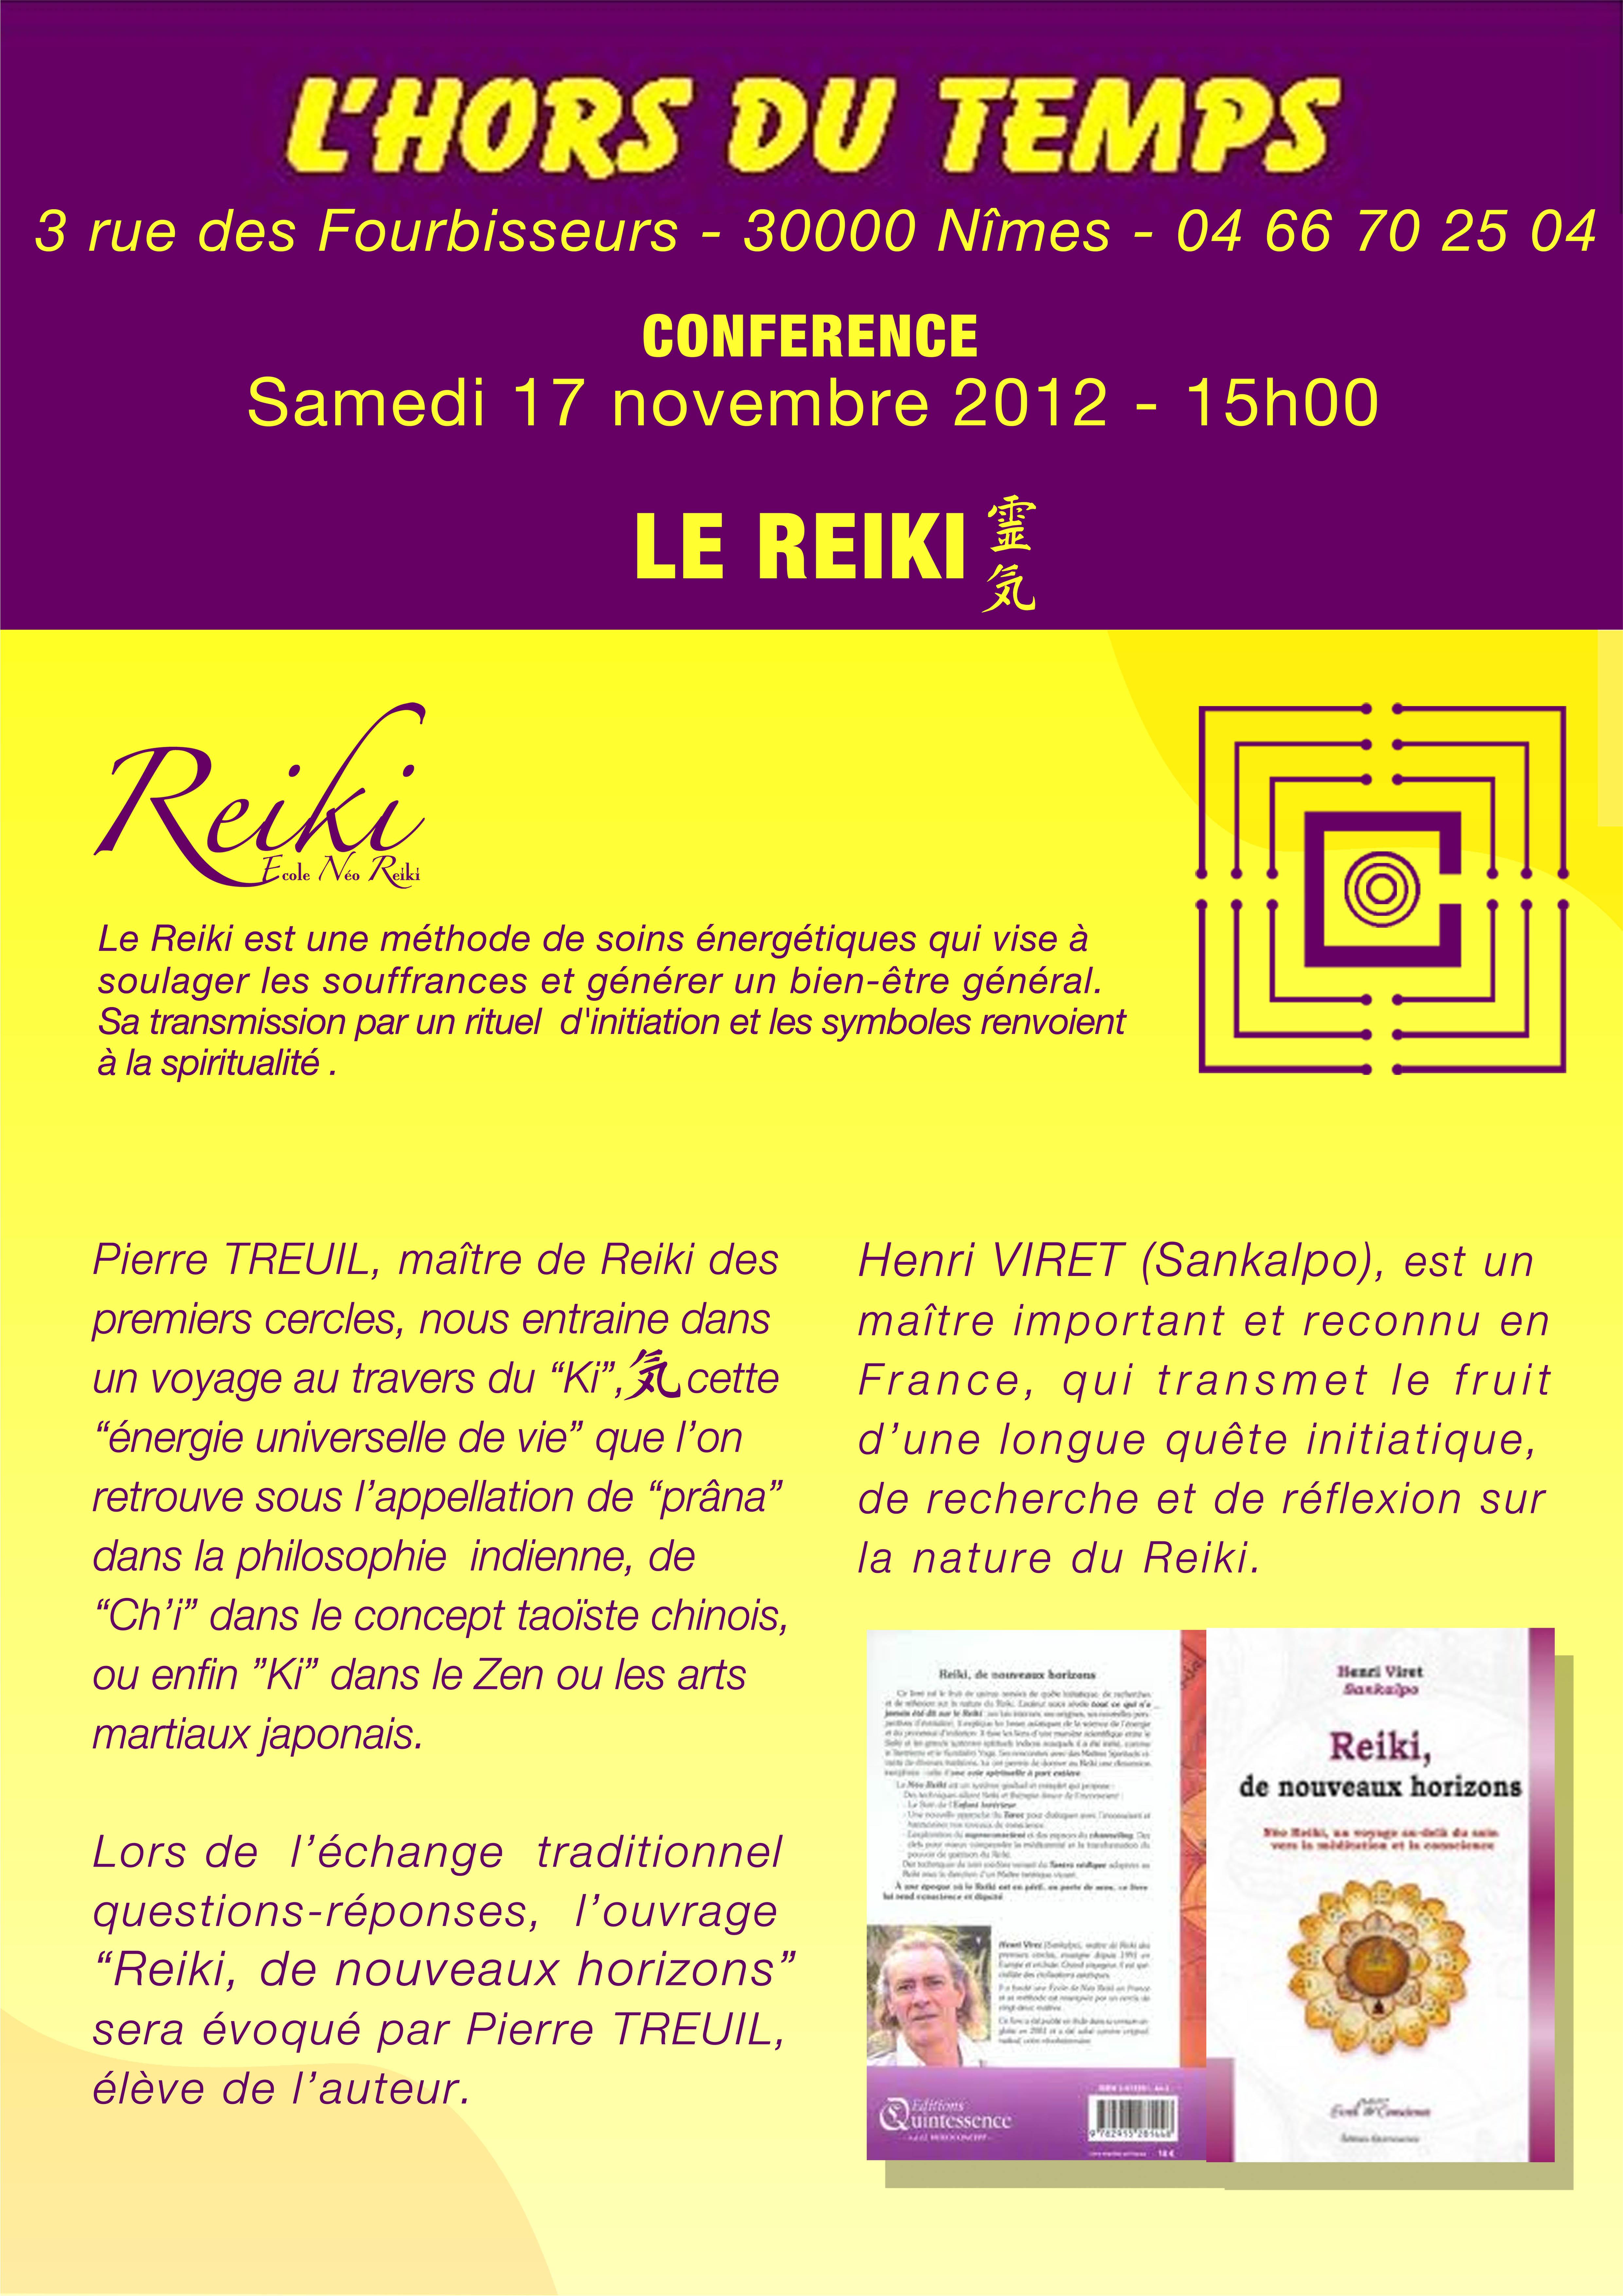 Reiki 2012 conférence LHORS du Temps A4